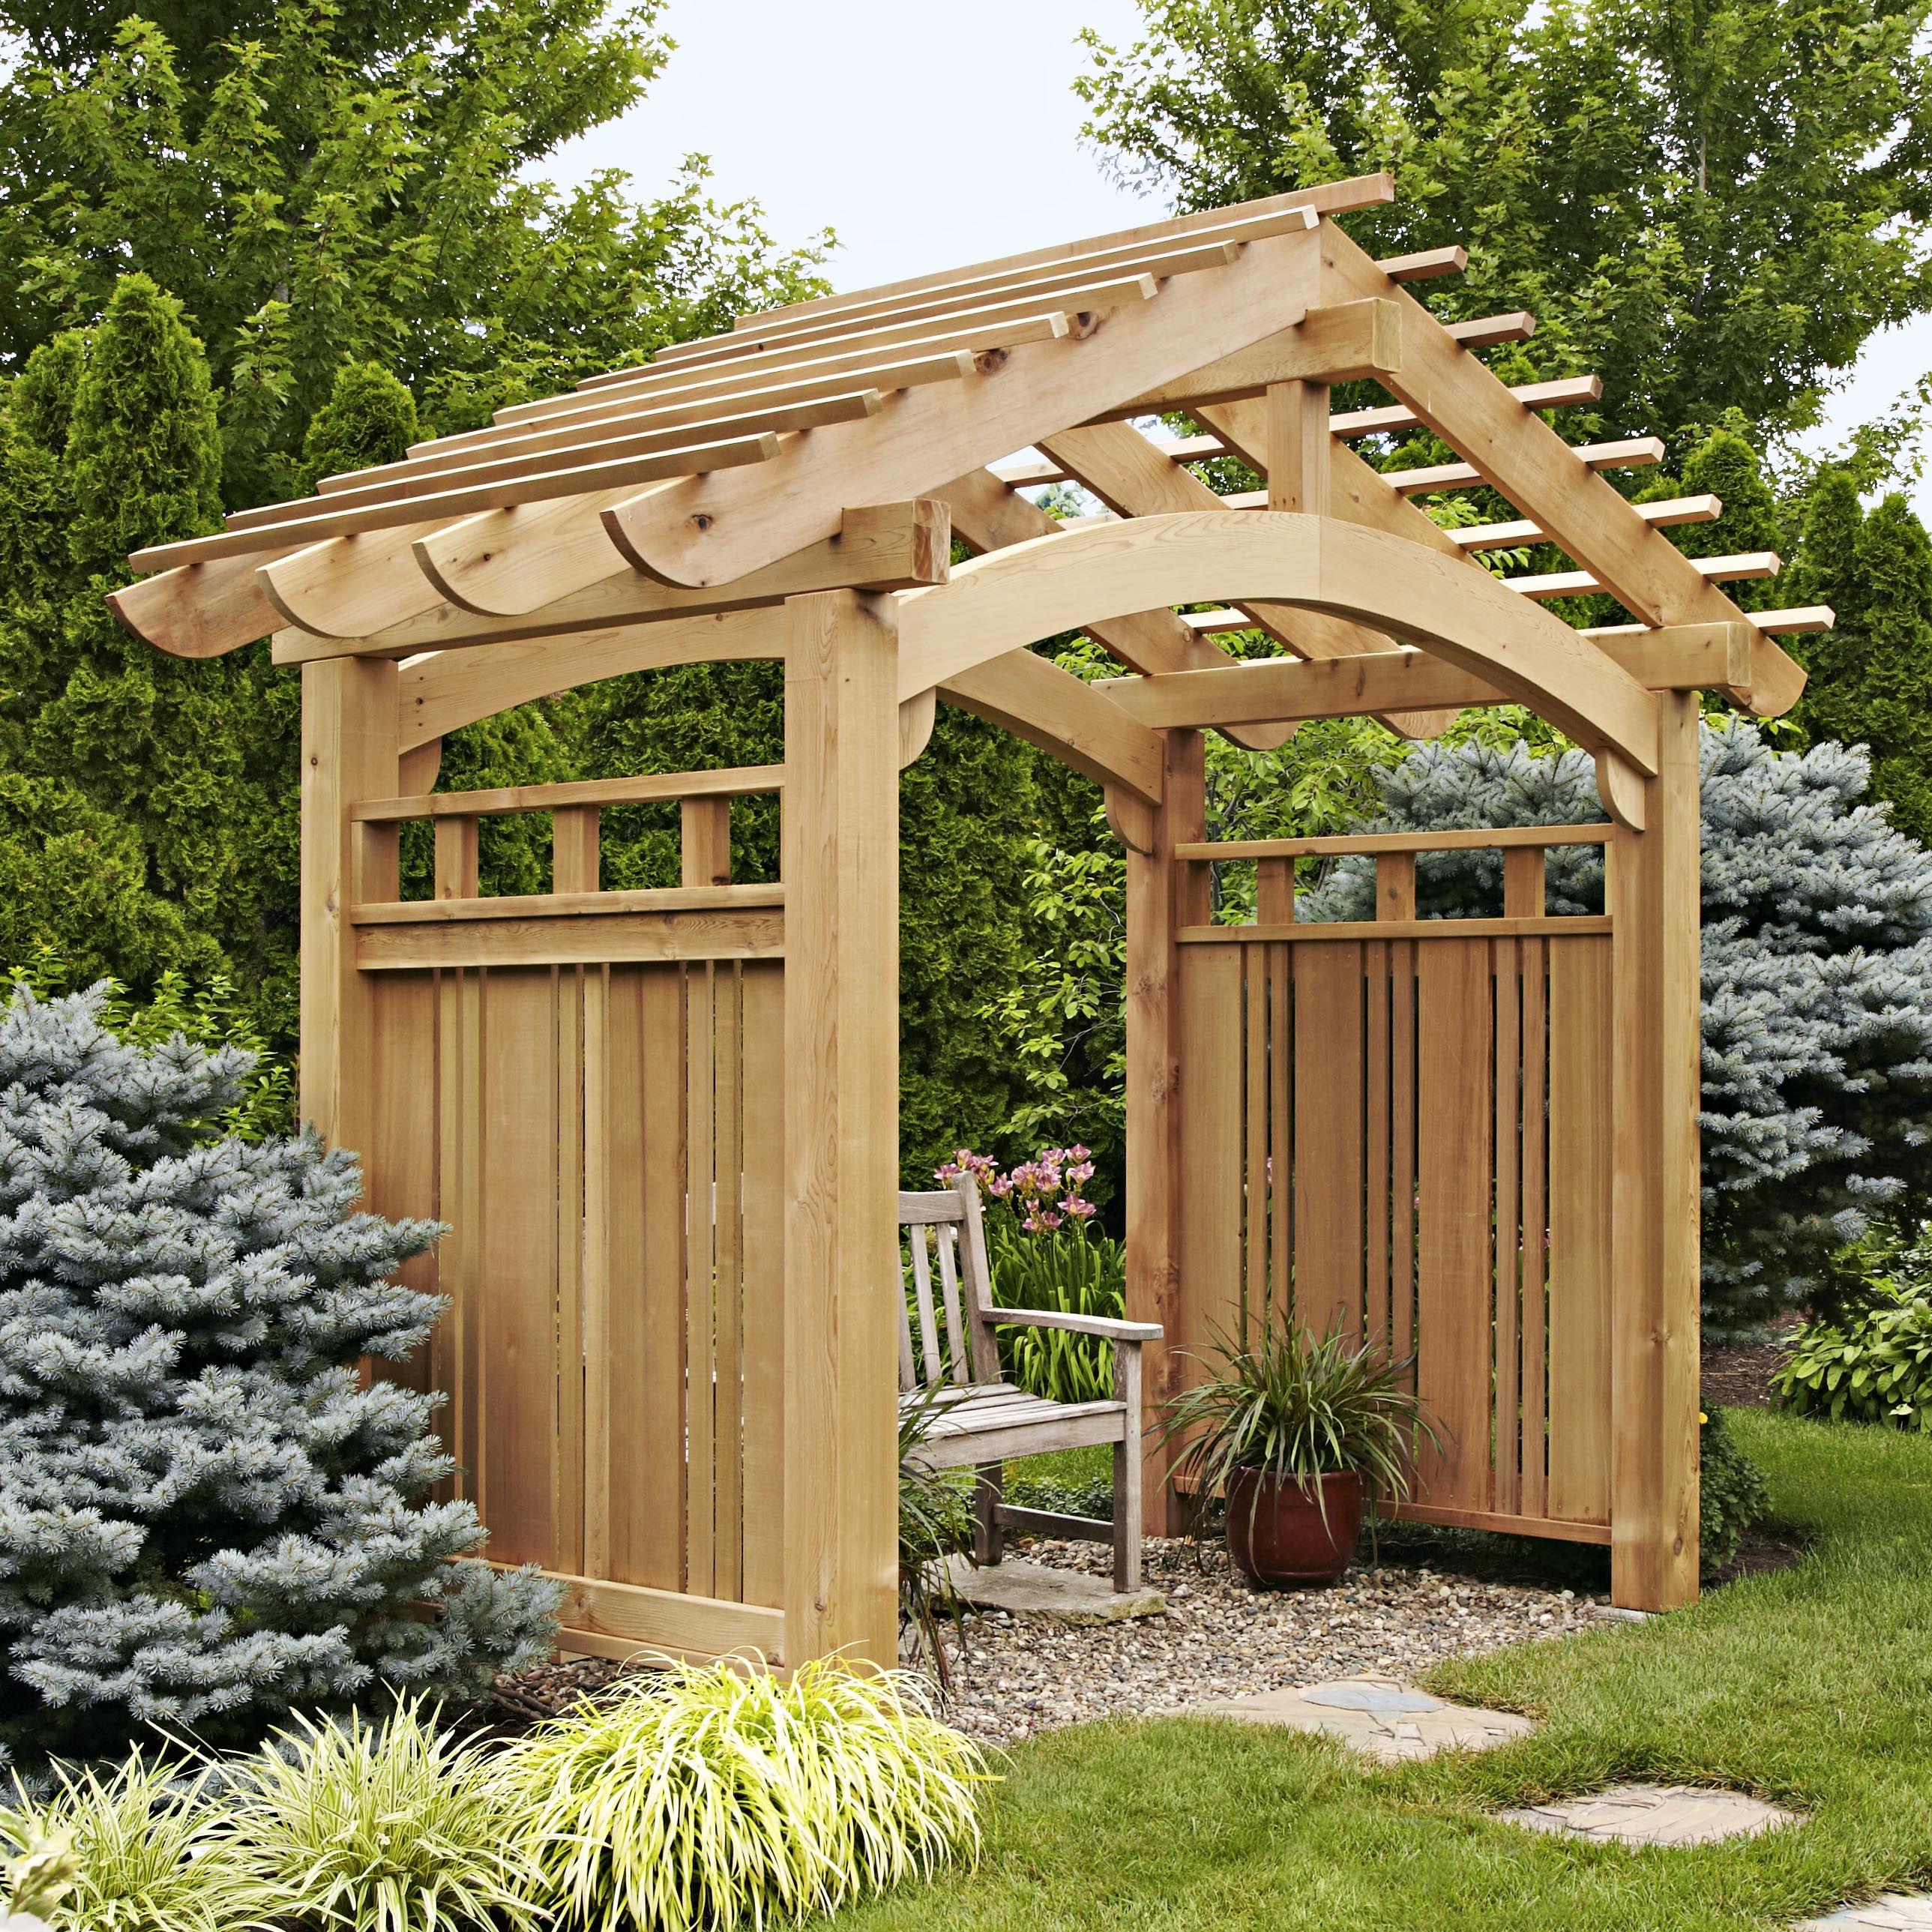 Красивые деревянные перголы и арки для дачного участка. Оригинальные варианты дизайна